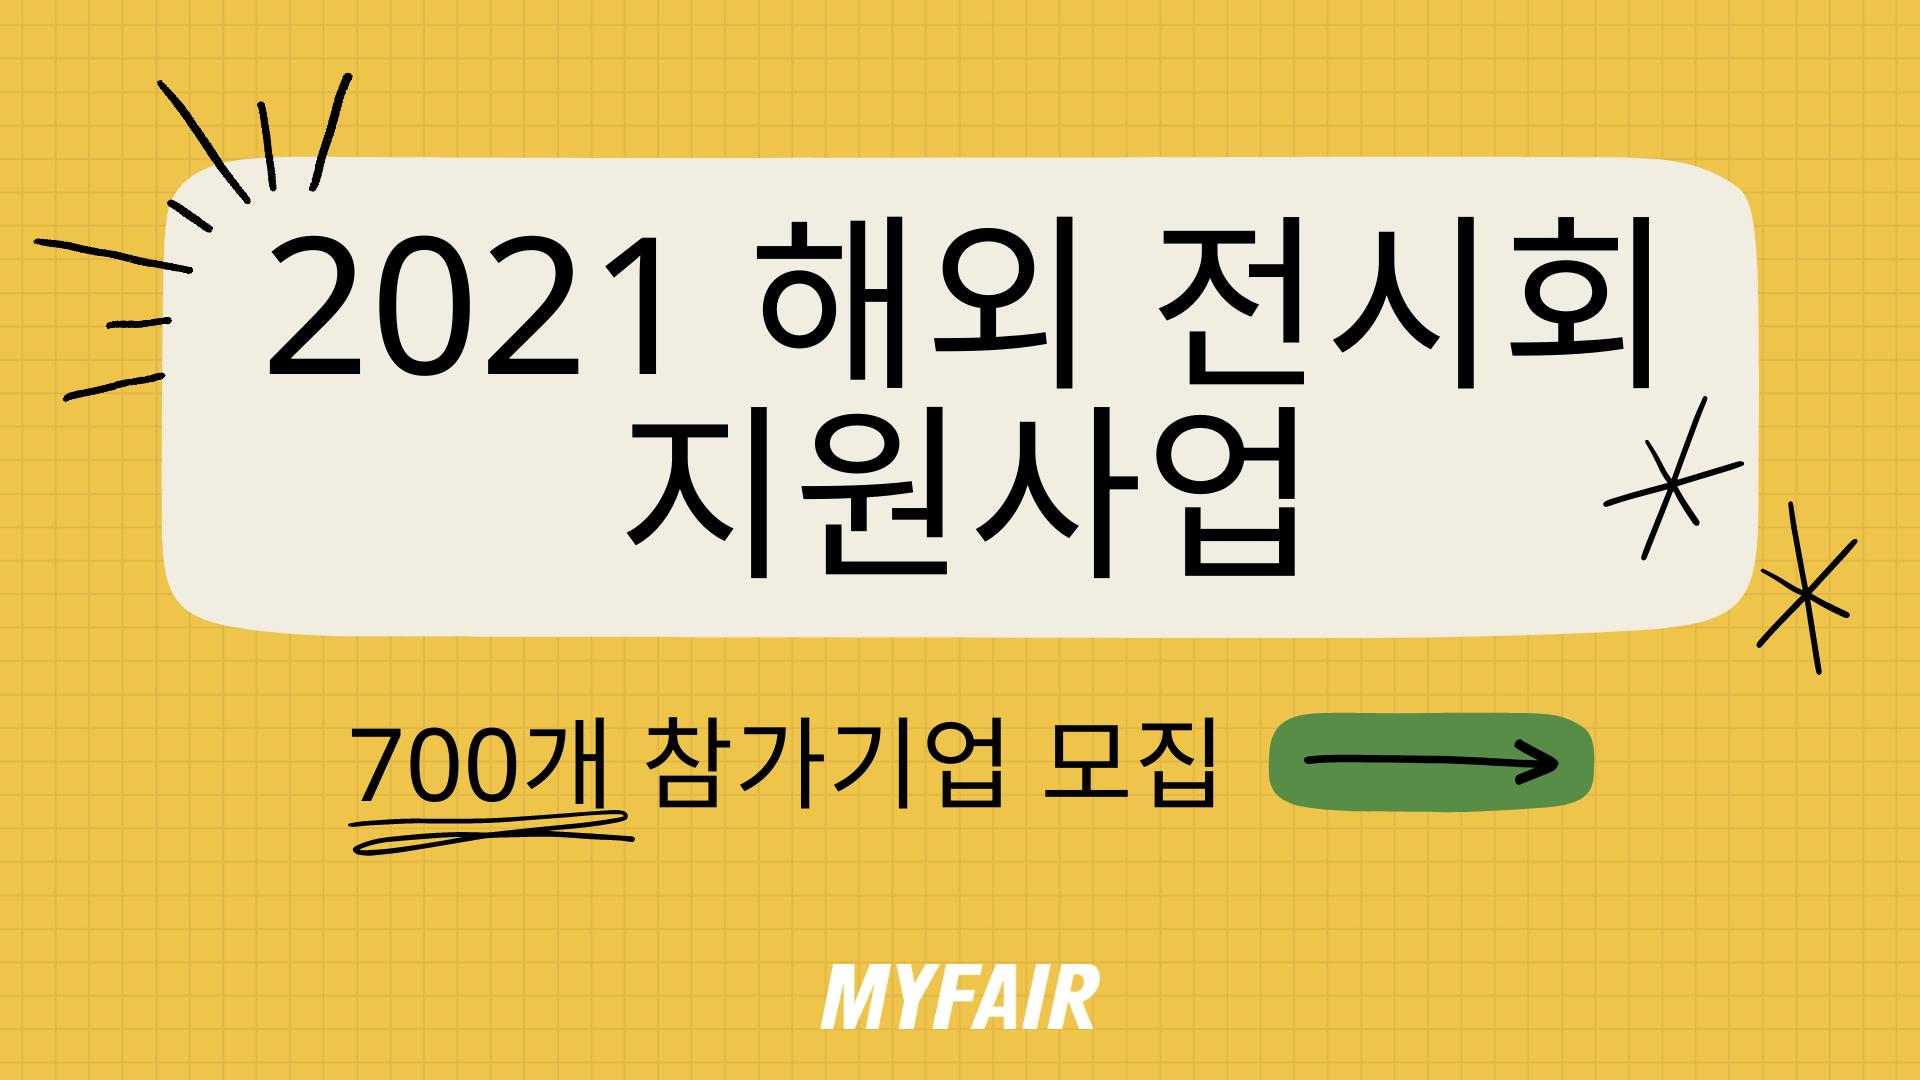 2021년도 해외 전시회 지원사업 - 참가기업 700개사 모집